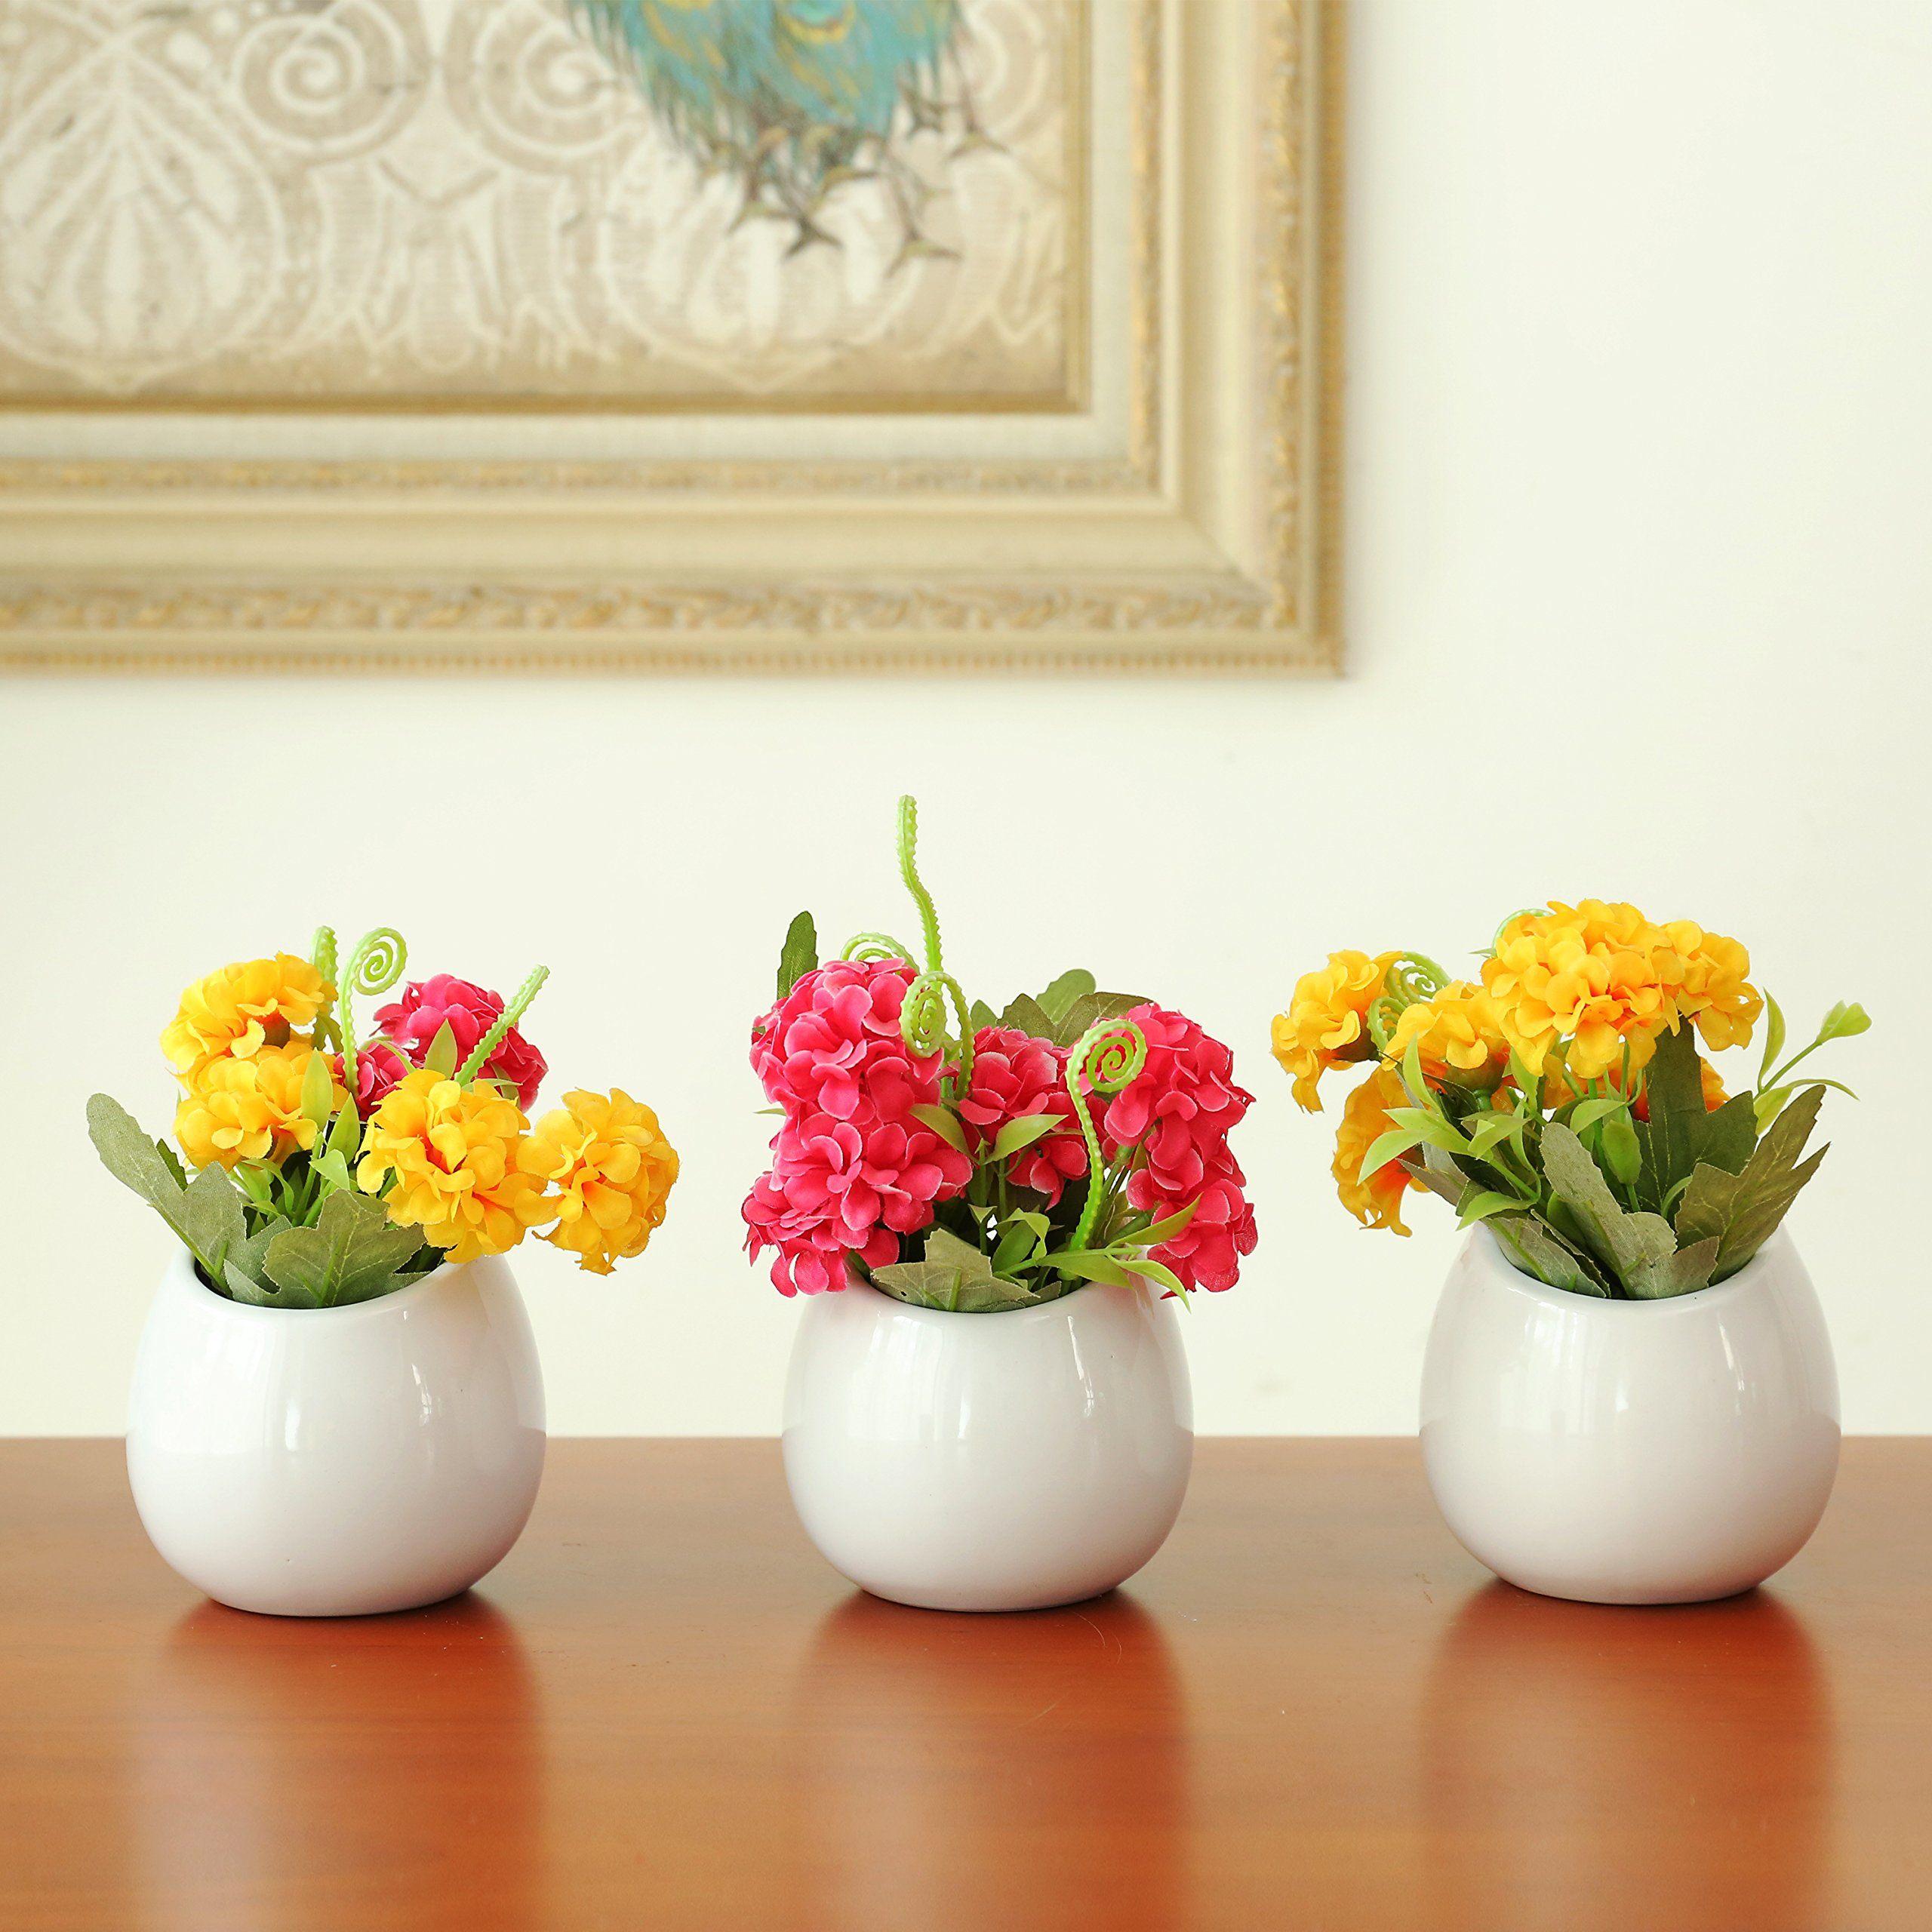 Set of 3 Mini White Ceramic Wall Mountable Plant Vase 4